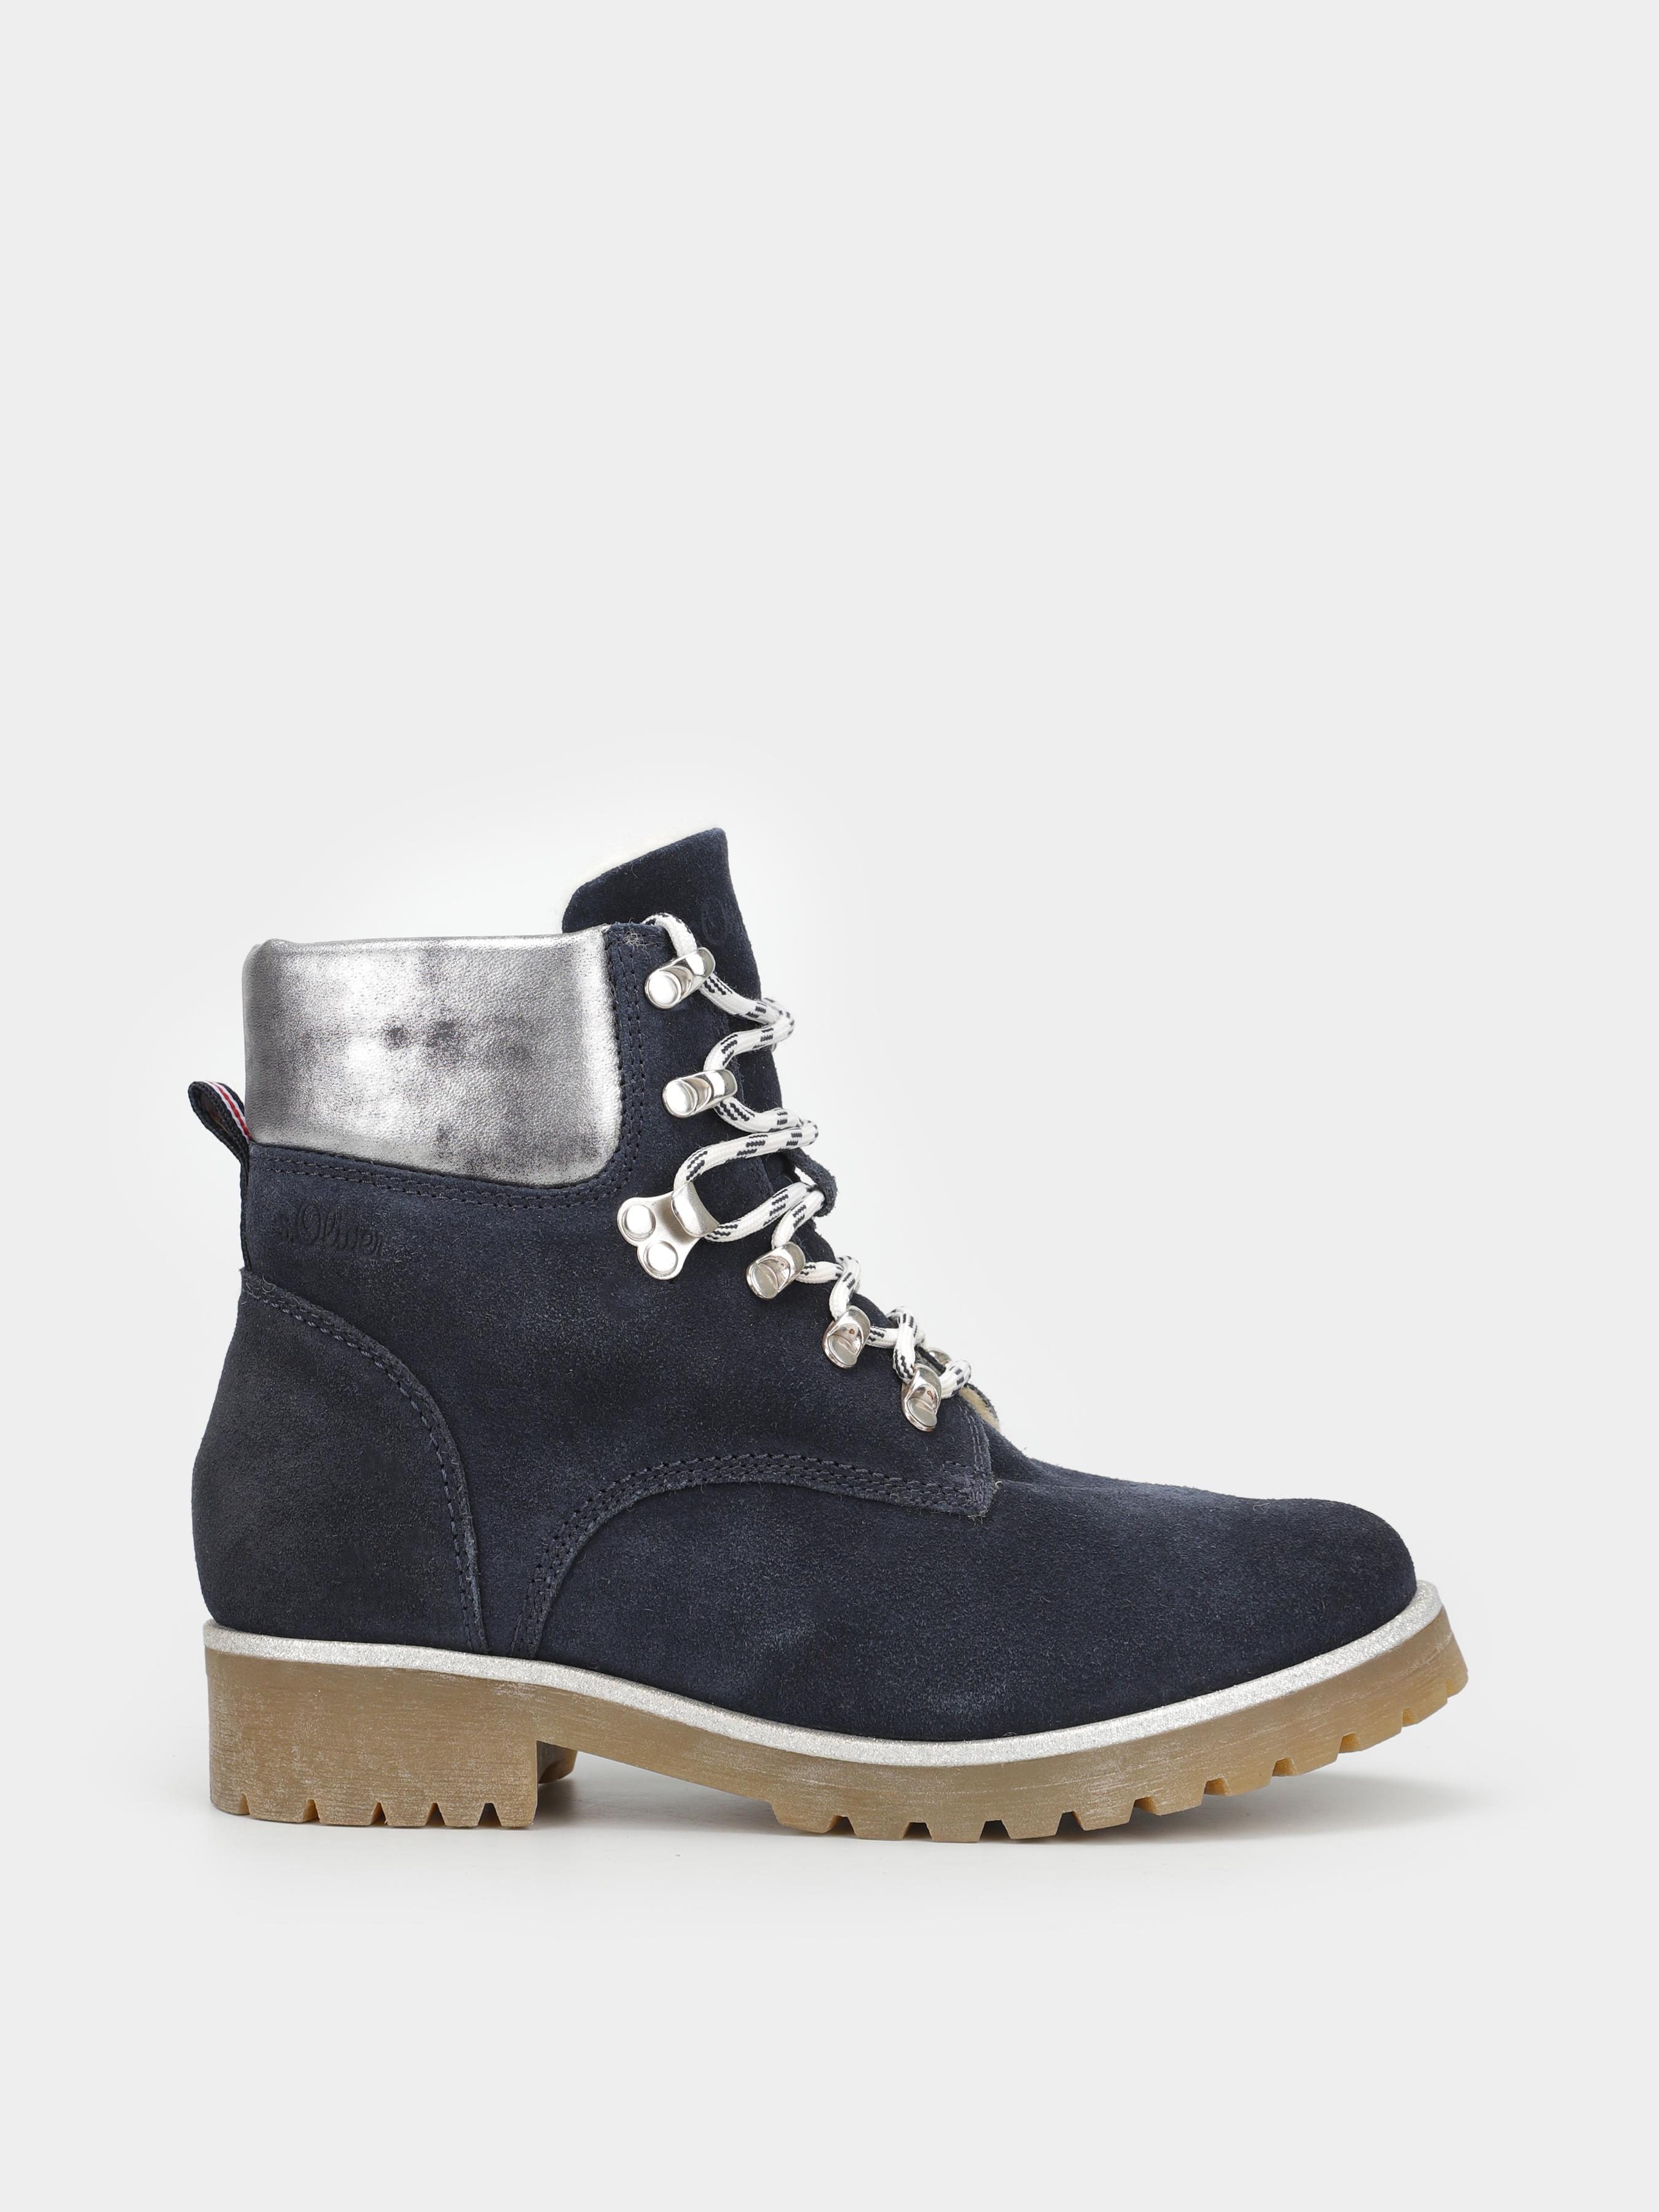 Ботинки для женщин S.Oliver 8W74 брендовые, 2017